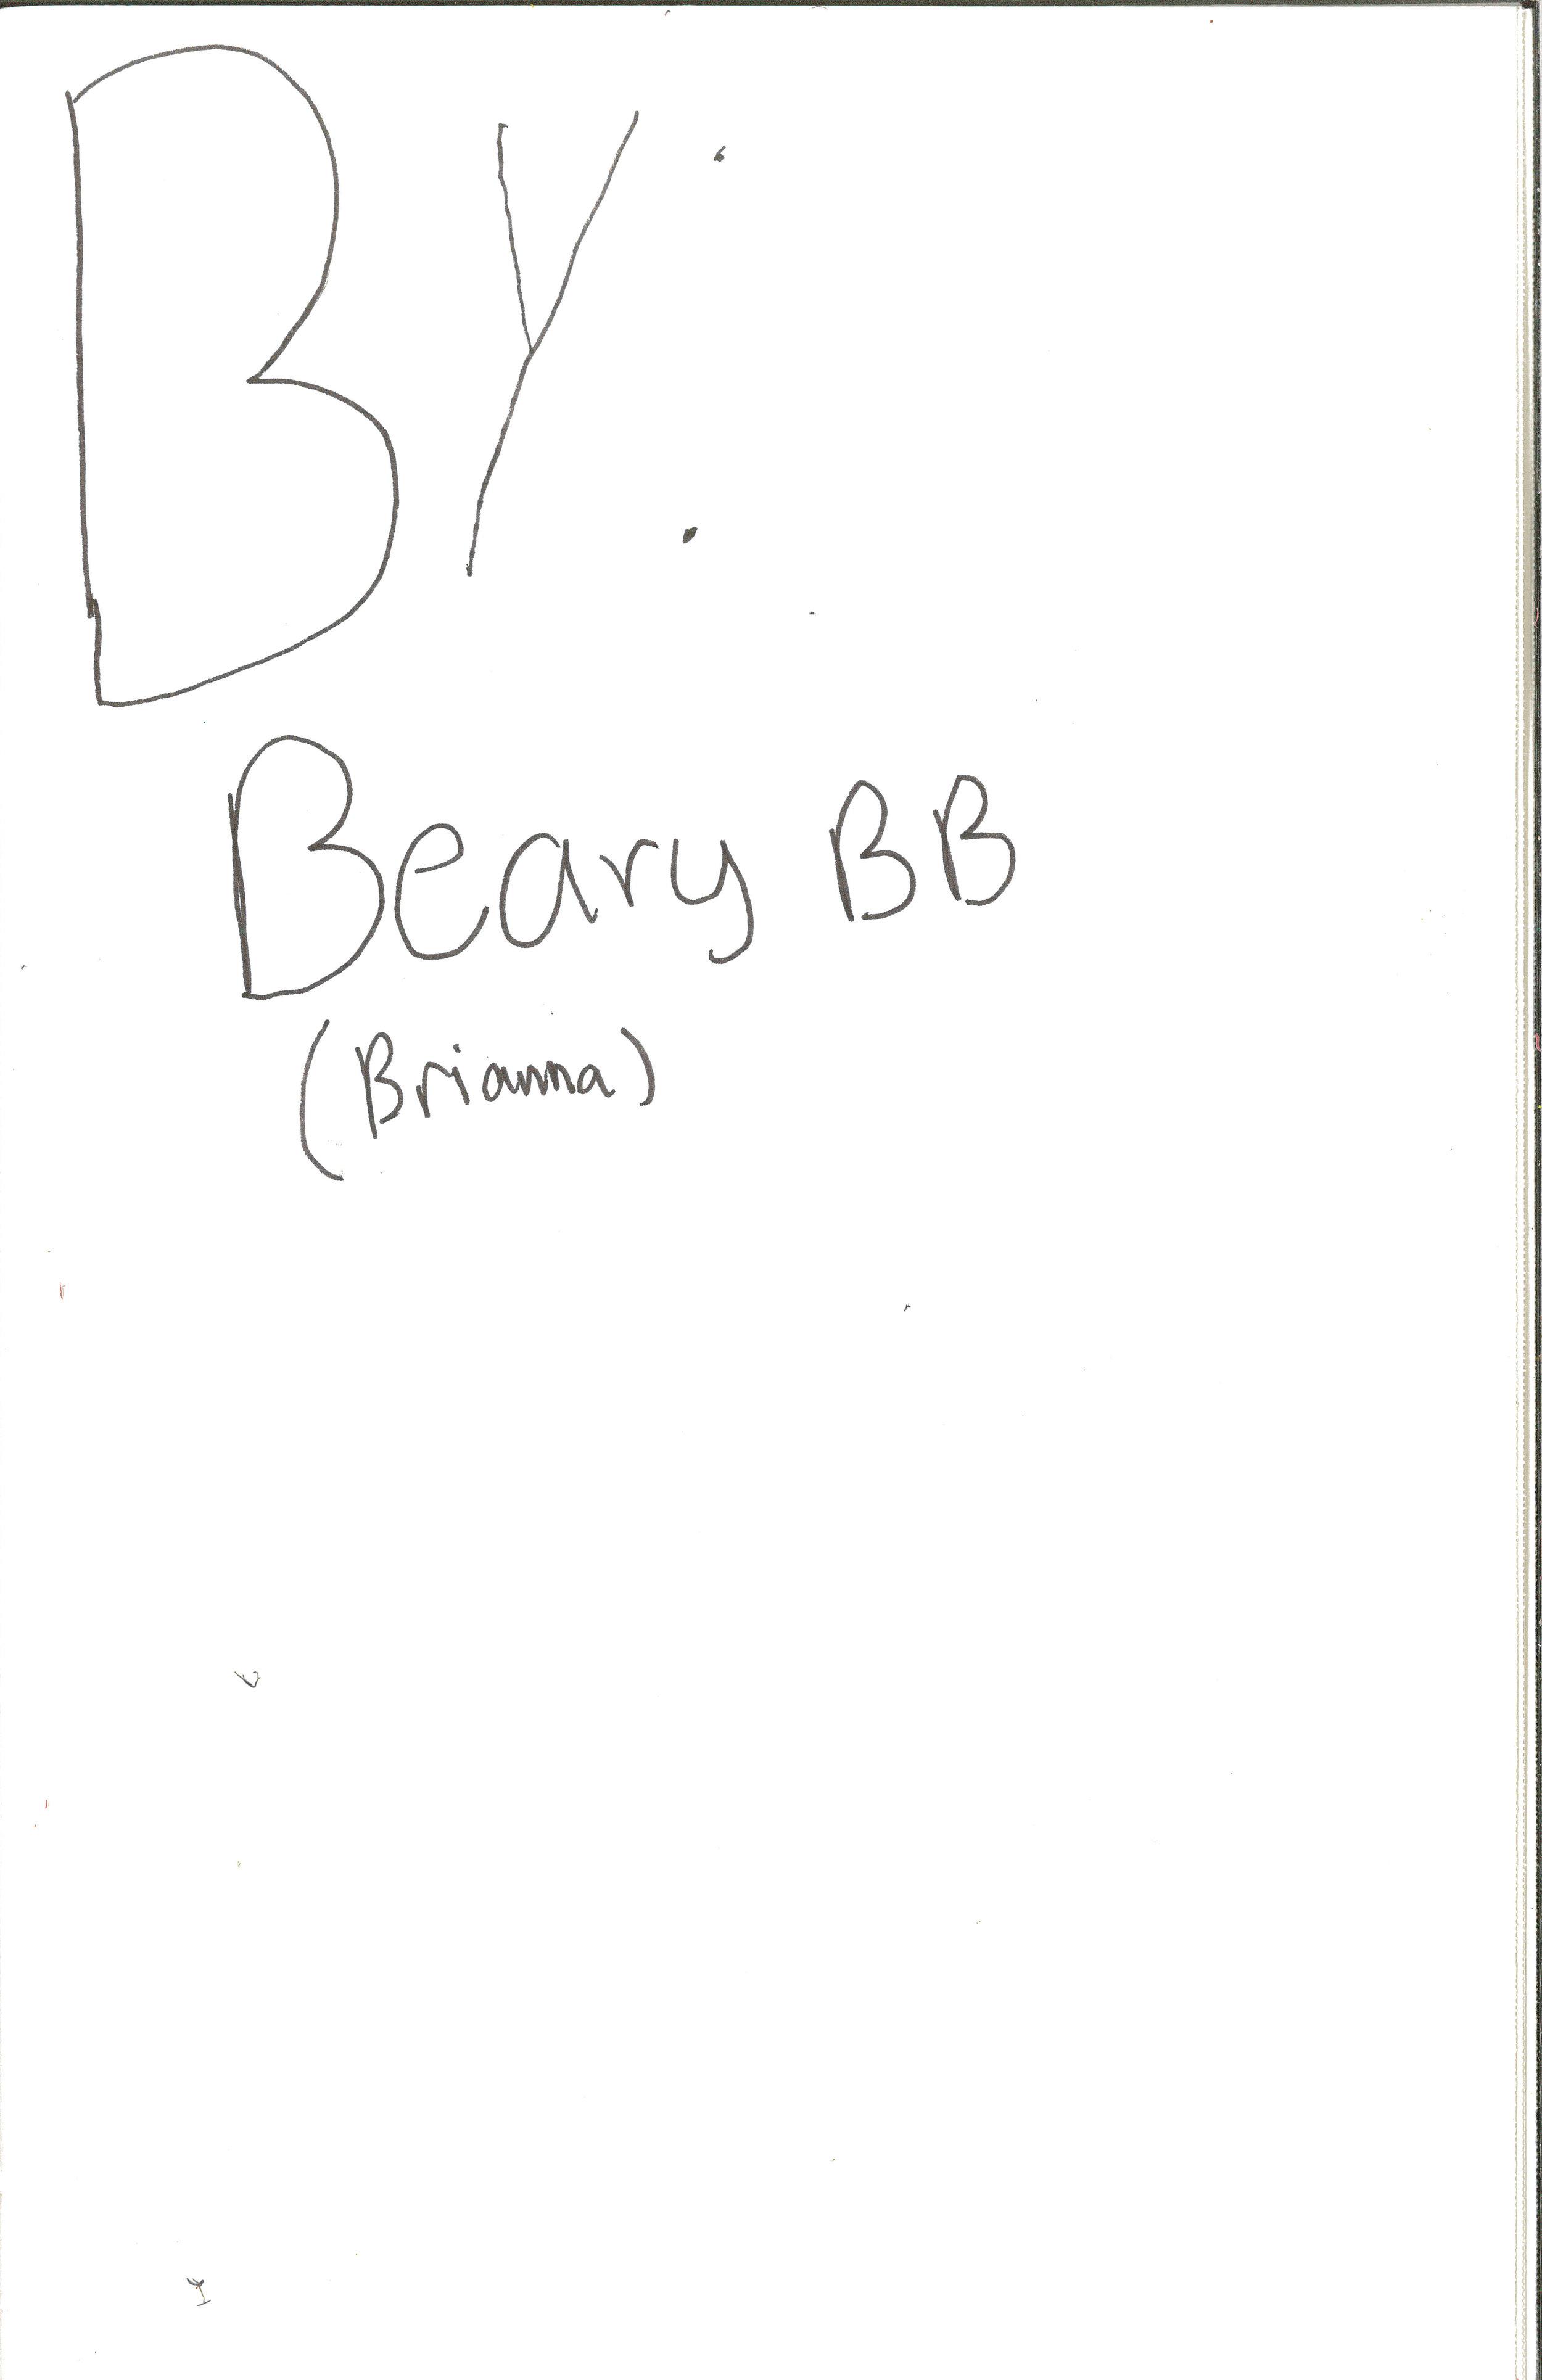 Beary BB 2.jpg